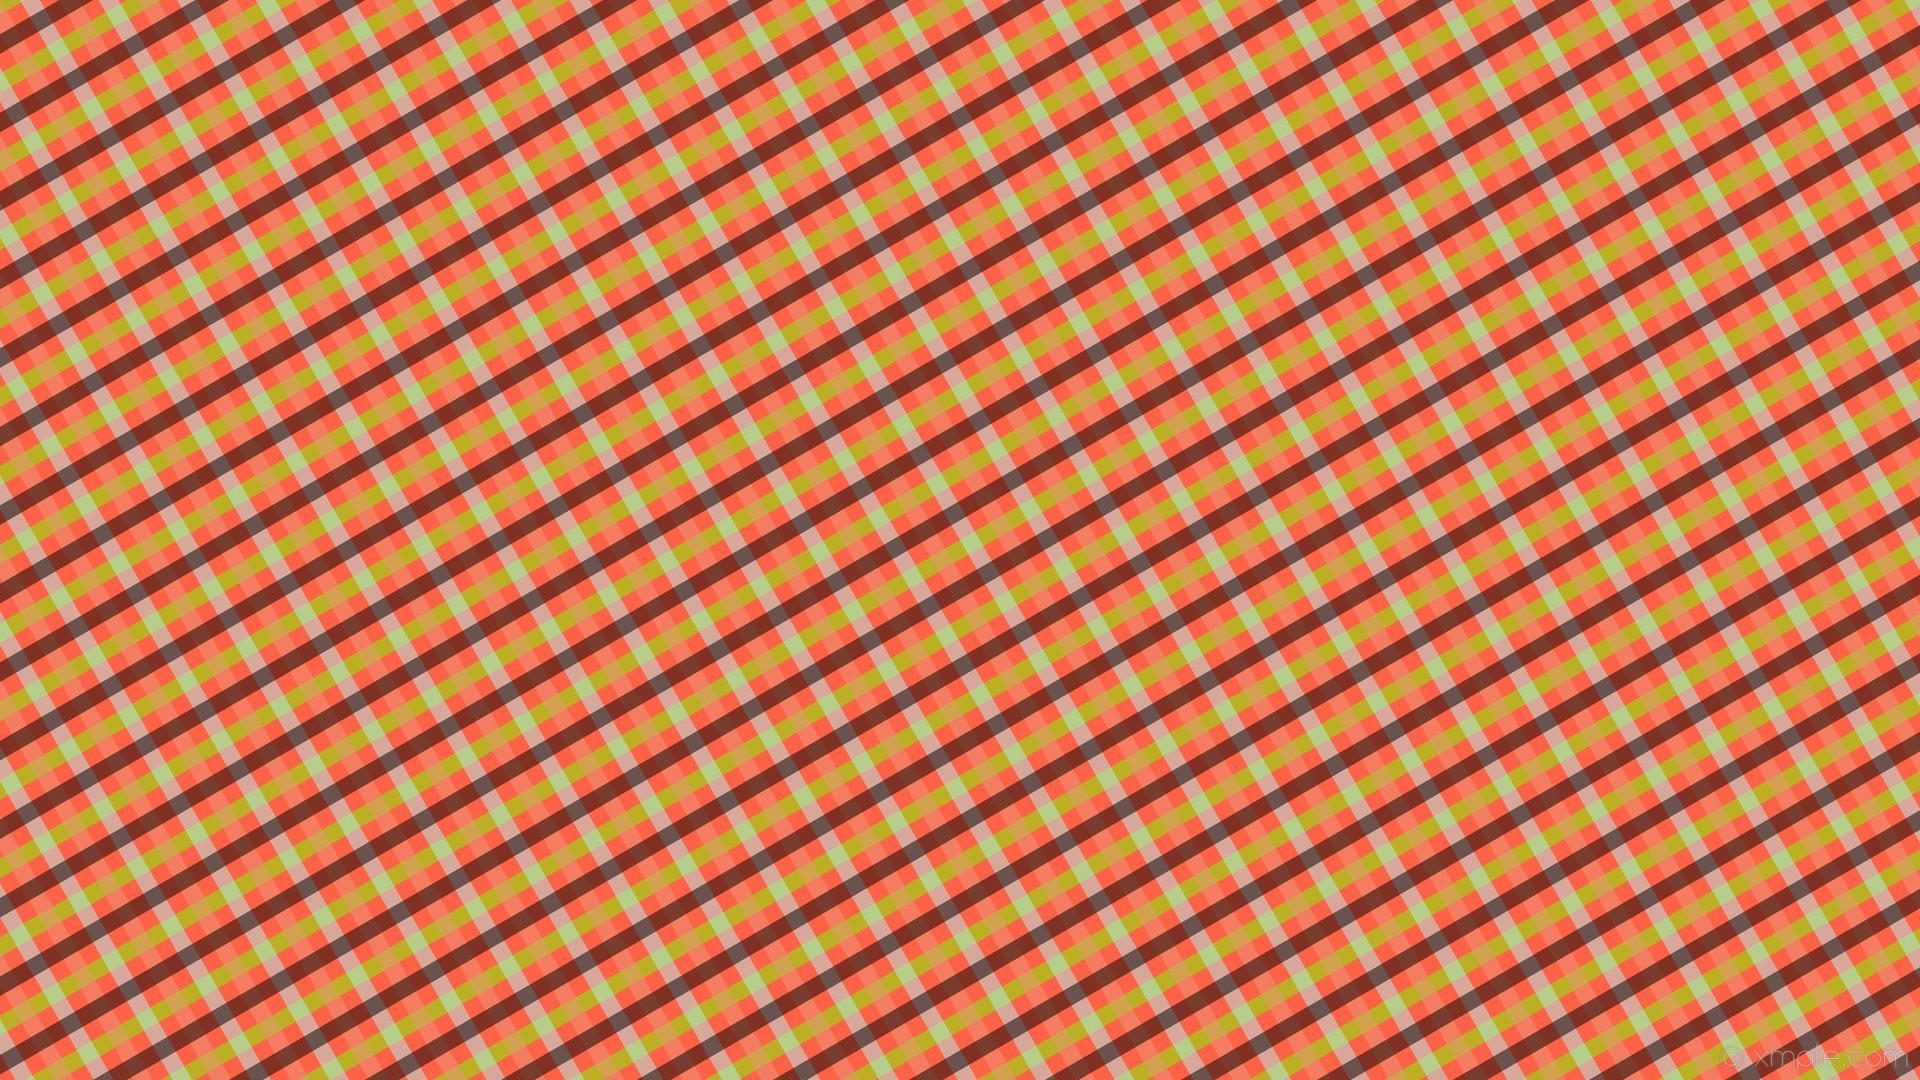 eades discount wallpaper amp discount fabric discount - HD1920×1080